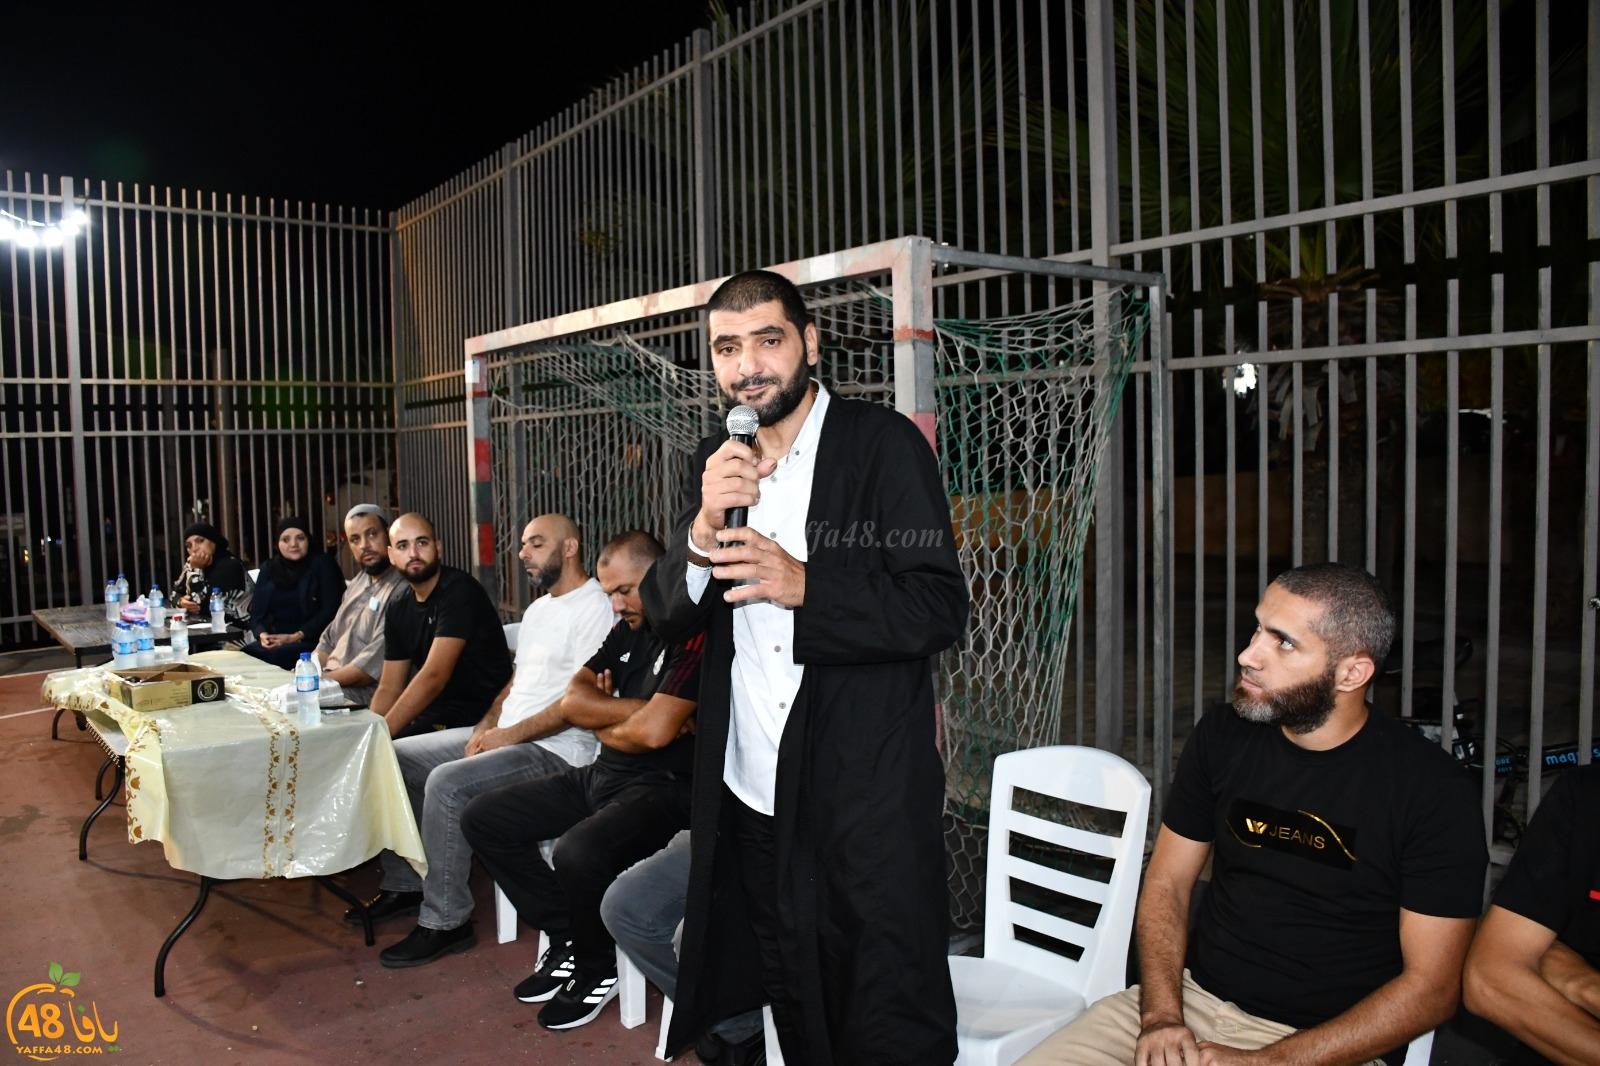 يافا: انطلاق الحملة الدعائية لمرشحي الهيئة الاسلامية في ساحة مسجد الجبلية